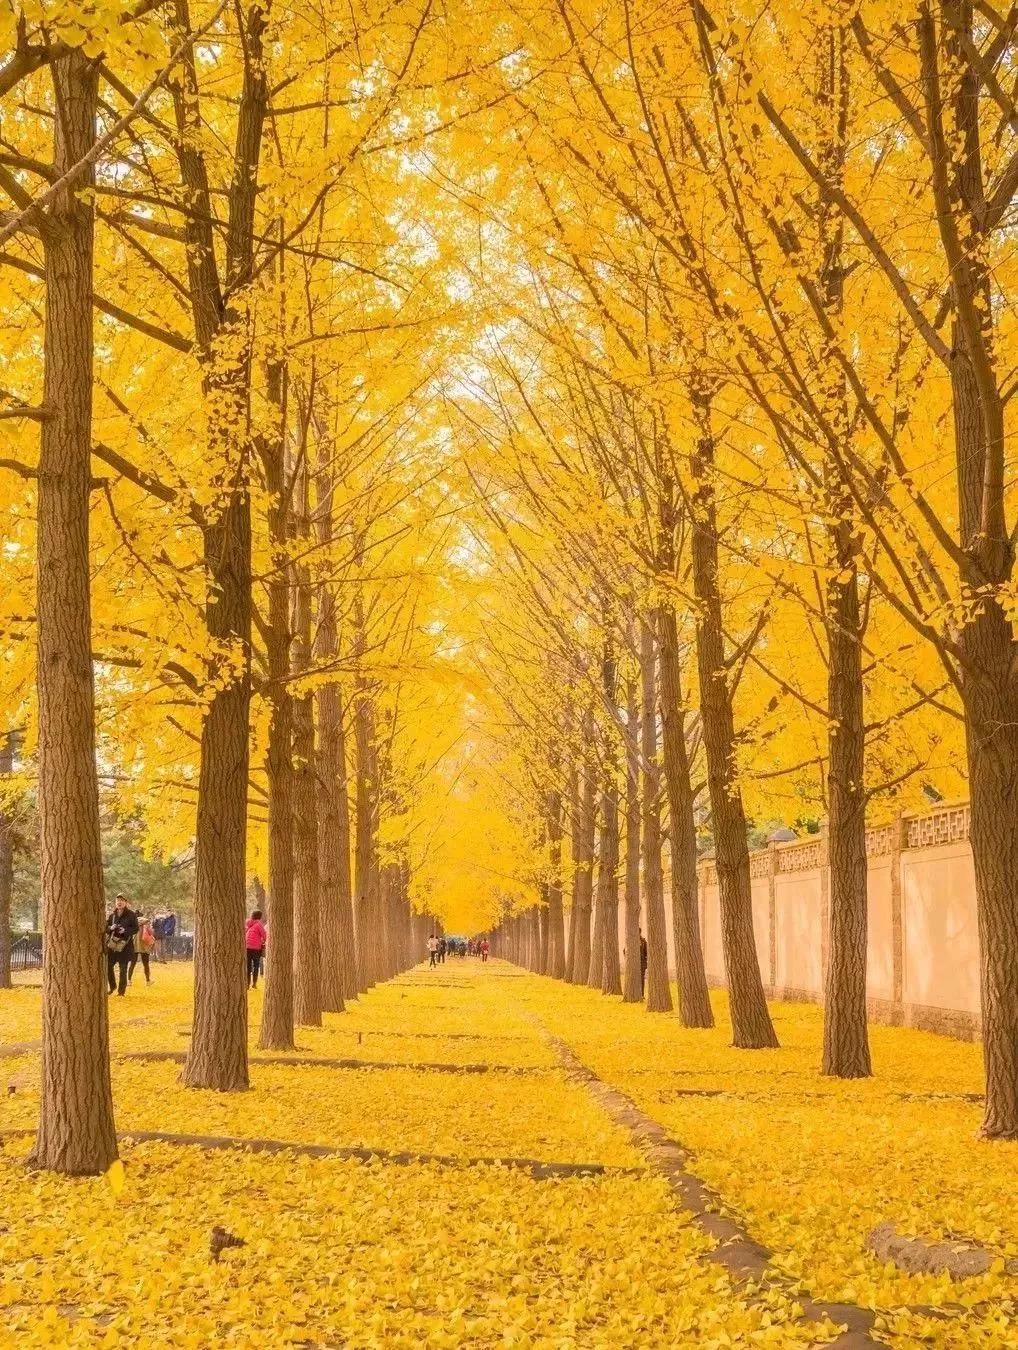 賞秋攻略:北京城那些賞秋的地方!